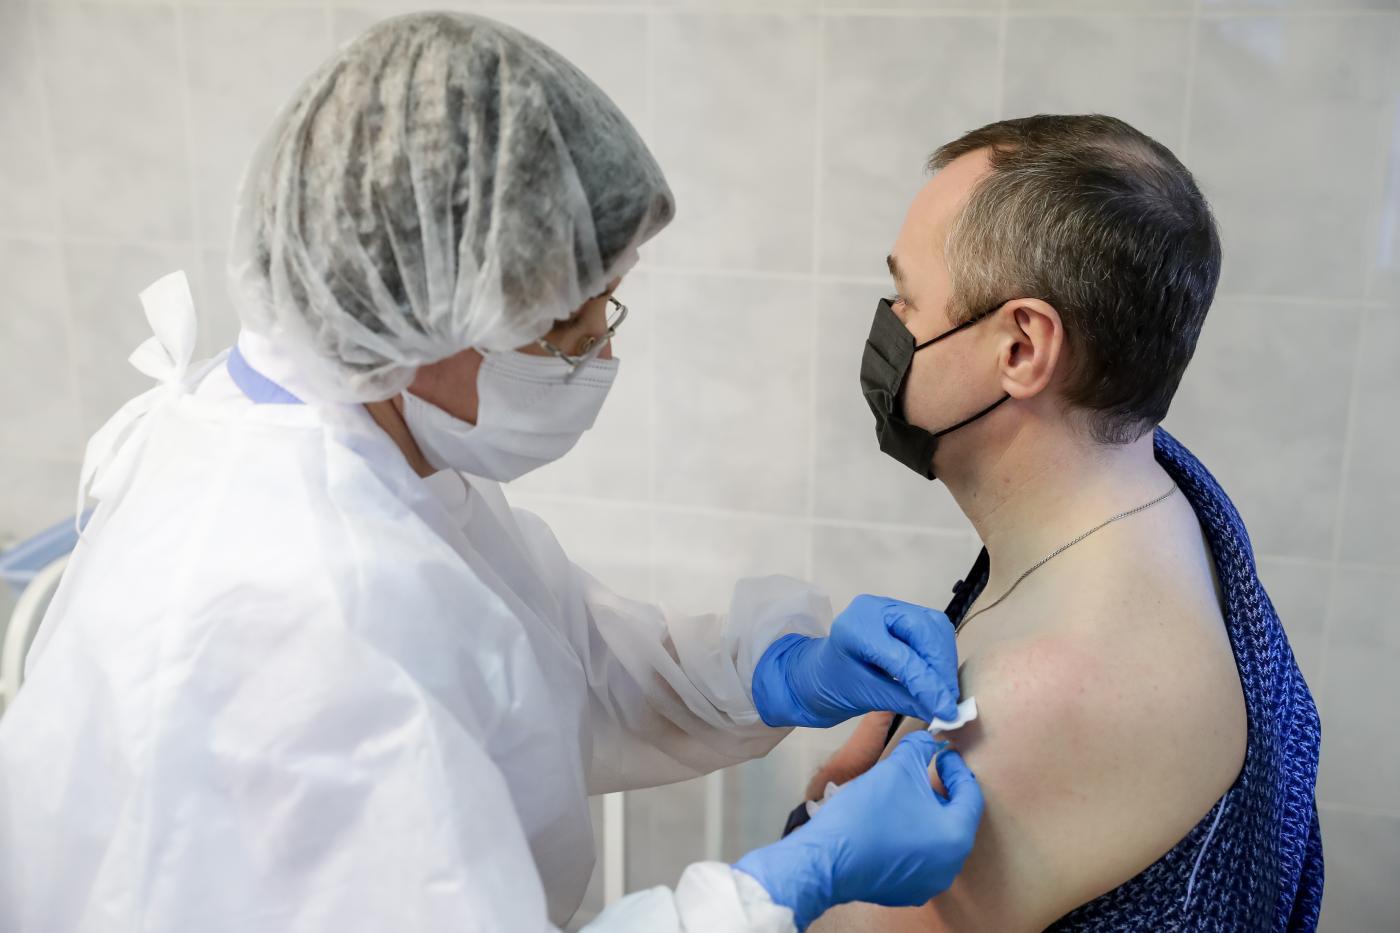 Fiala di Gam-COVID-Vac commercializzato come Sputink V utilizzata per vaccinare gli operatori sanitari contro COVID-19